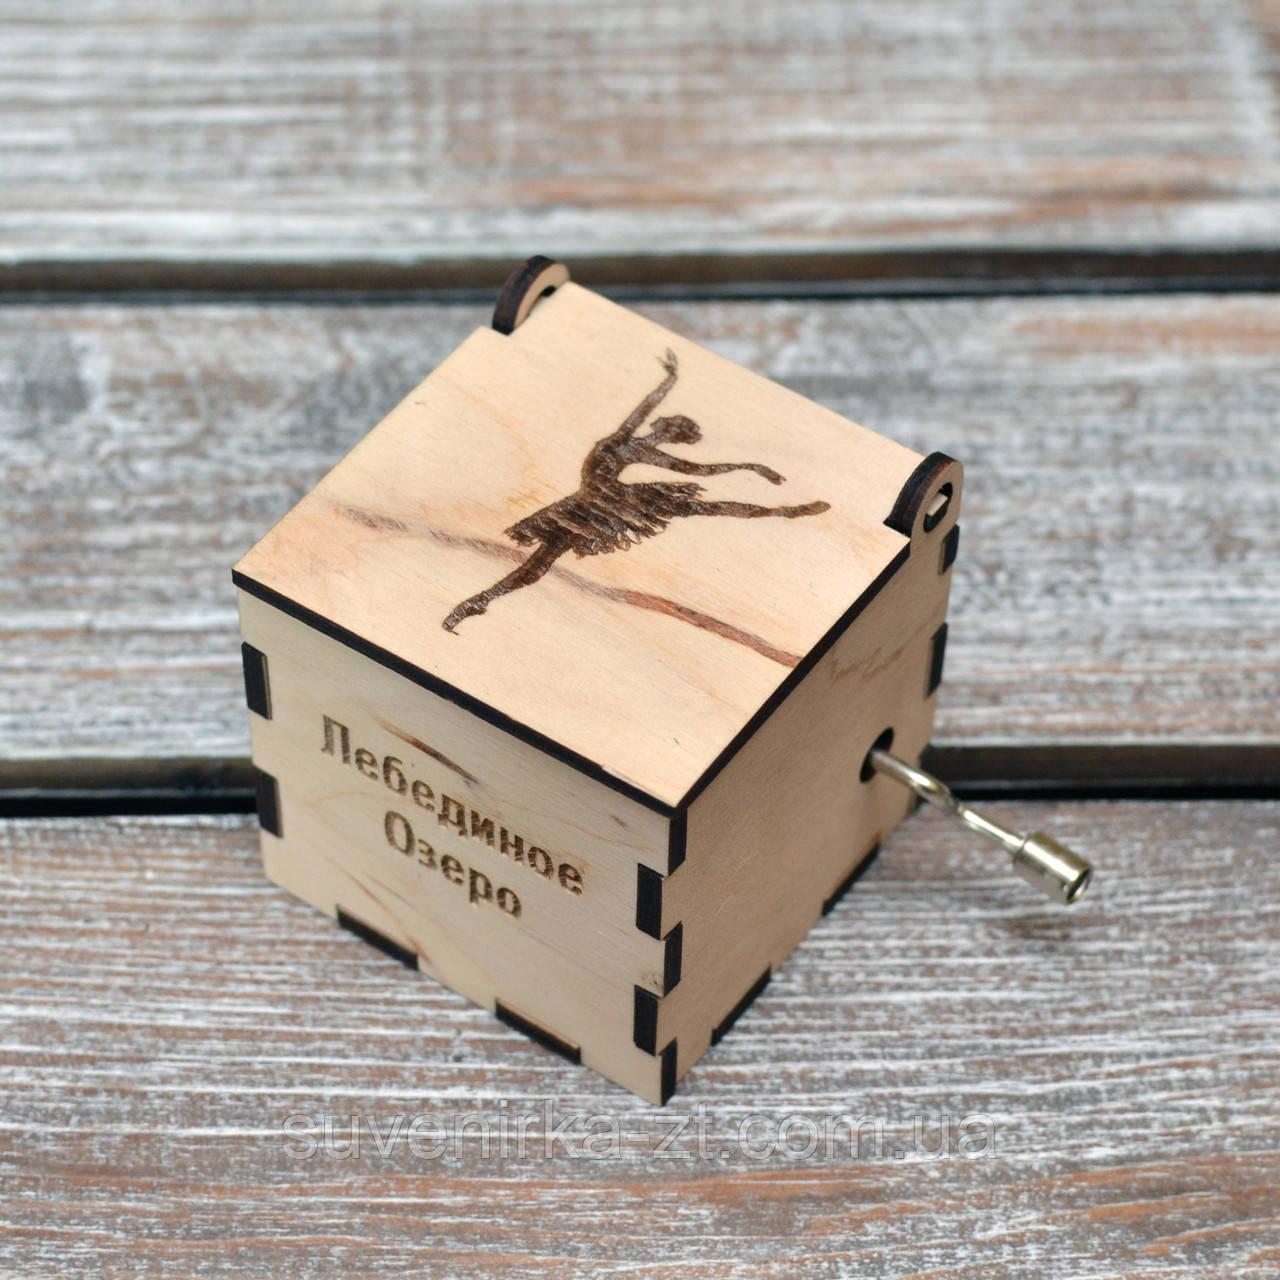 Музыкальная шкатулка-шарманка. Лебединое озеро. (А01210)